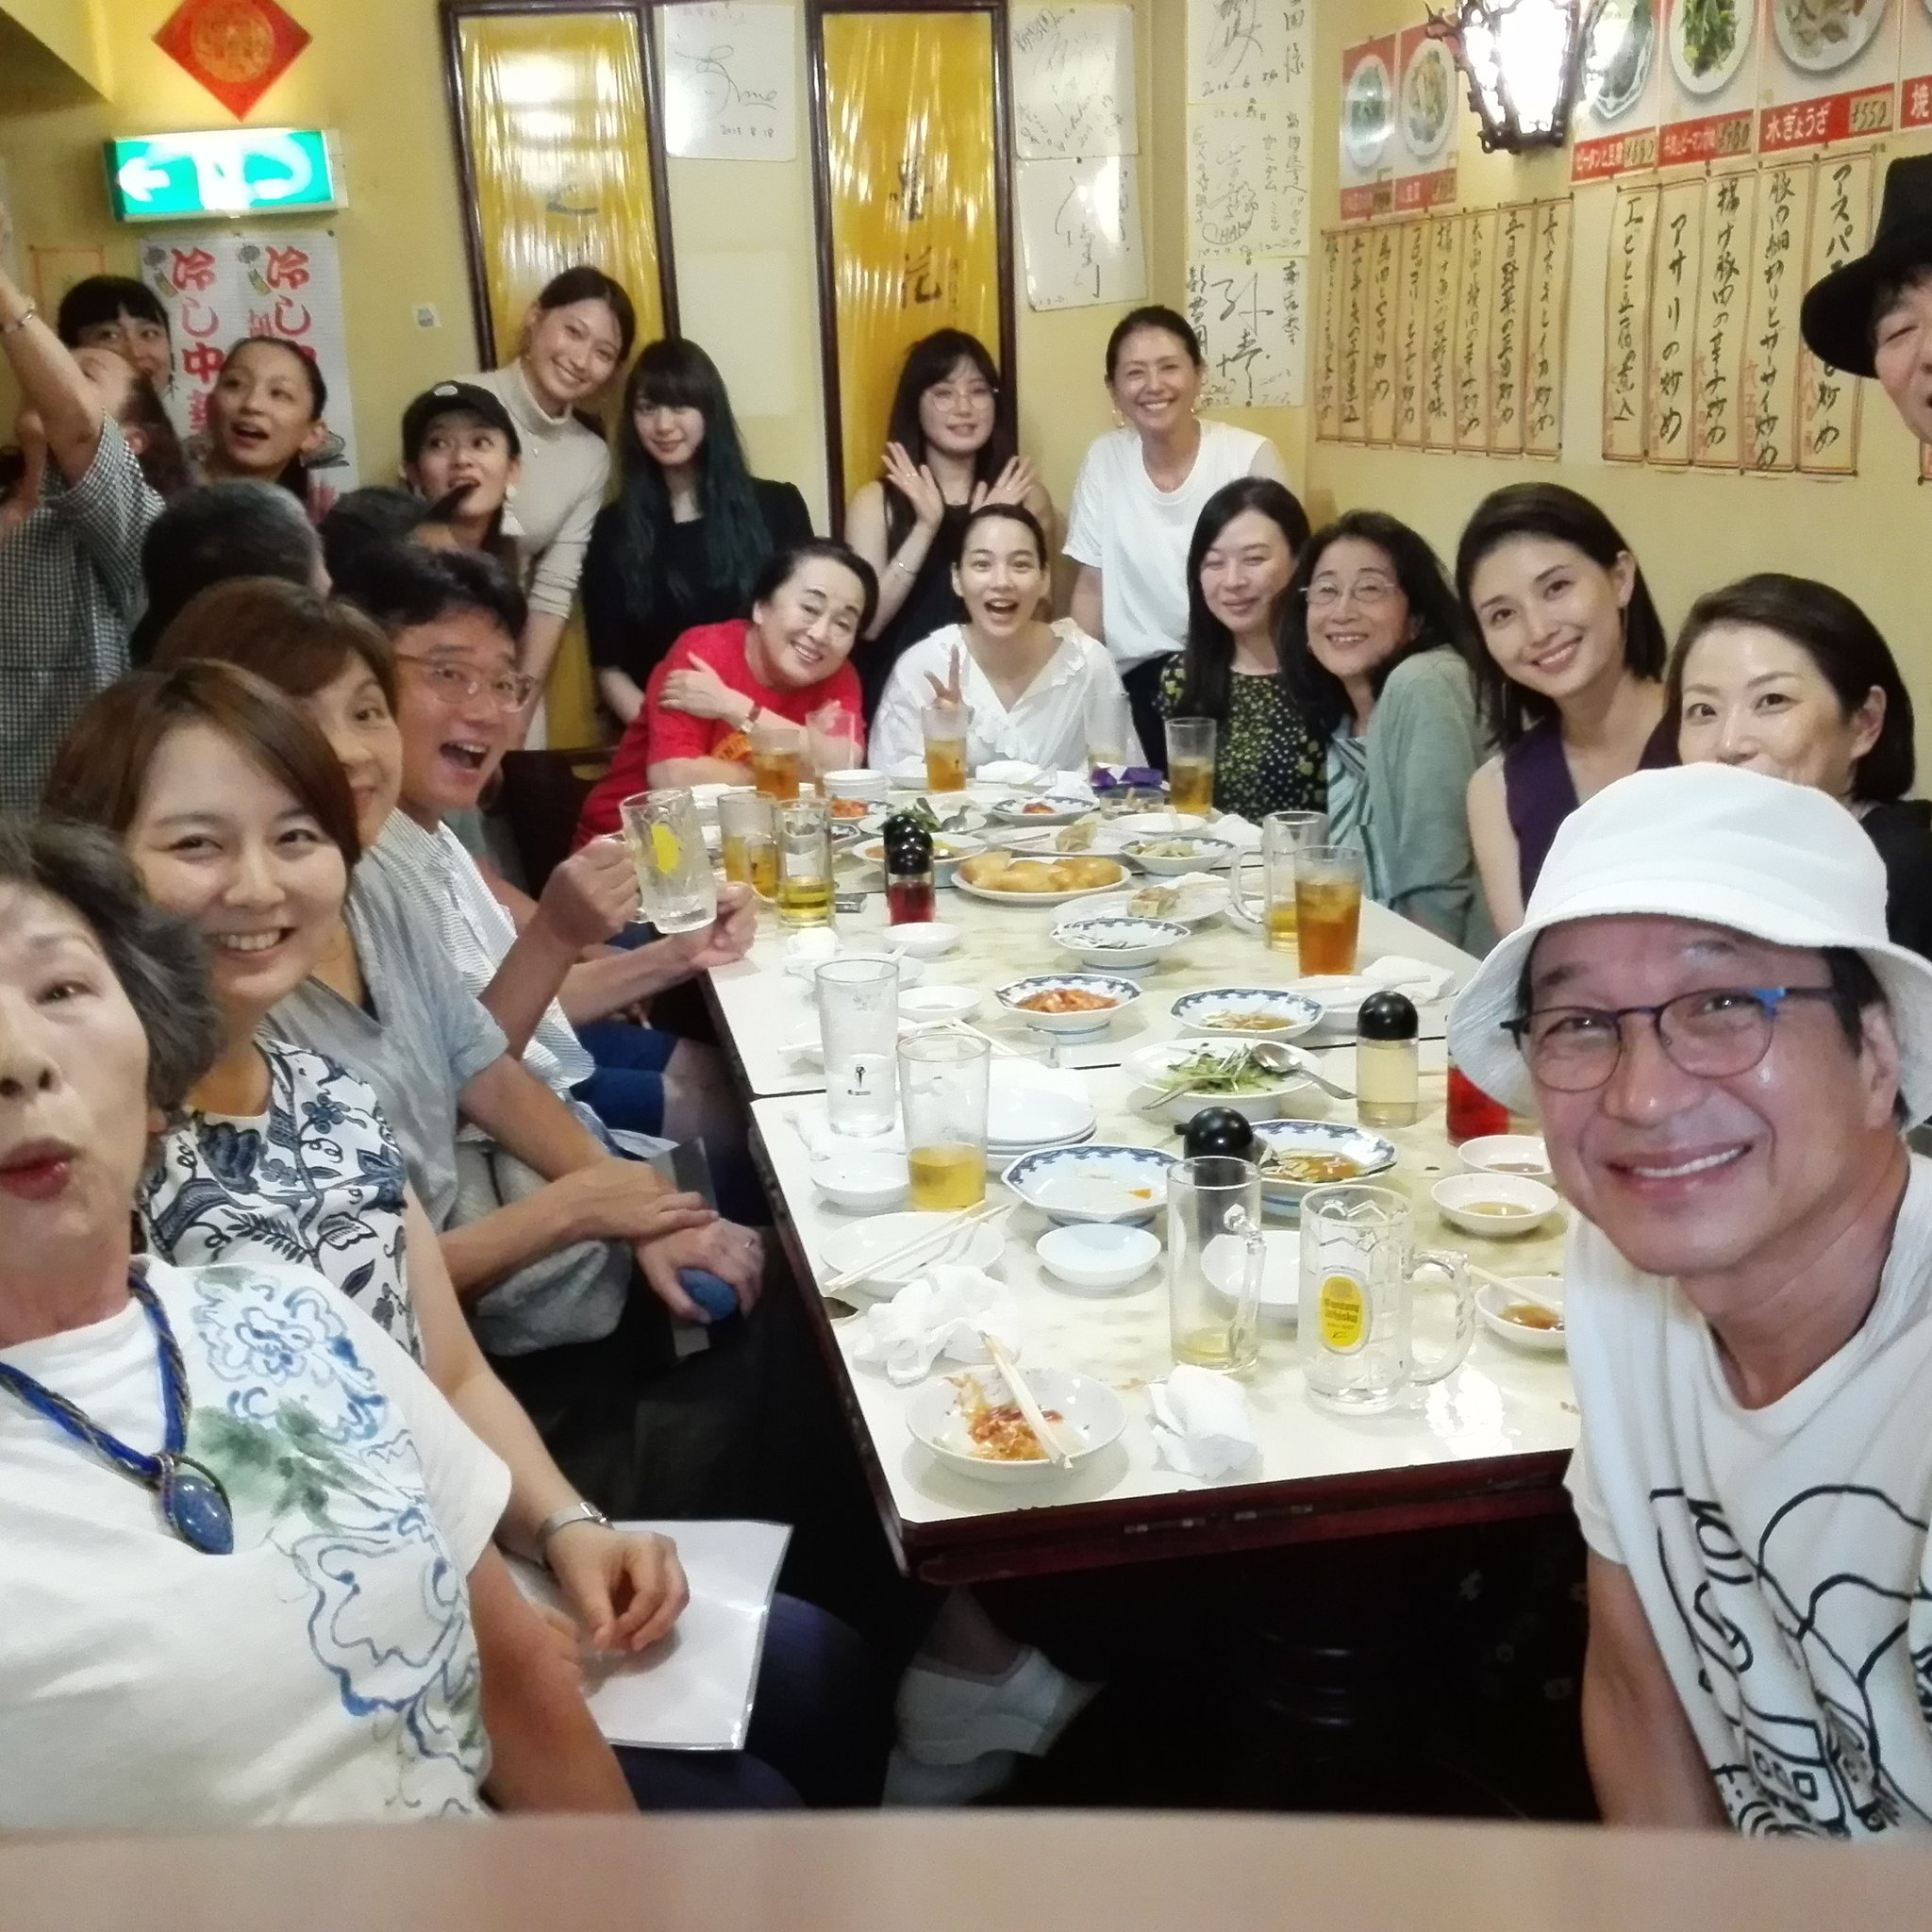 【画像】1流芸能人が集結して安そうな中華屋で会食